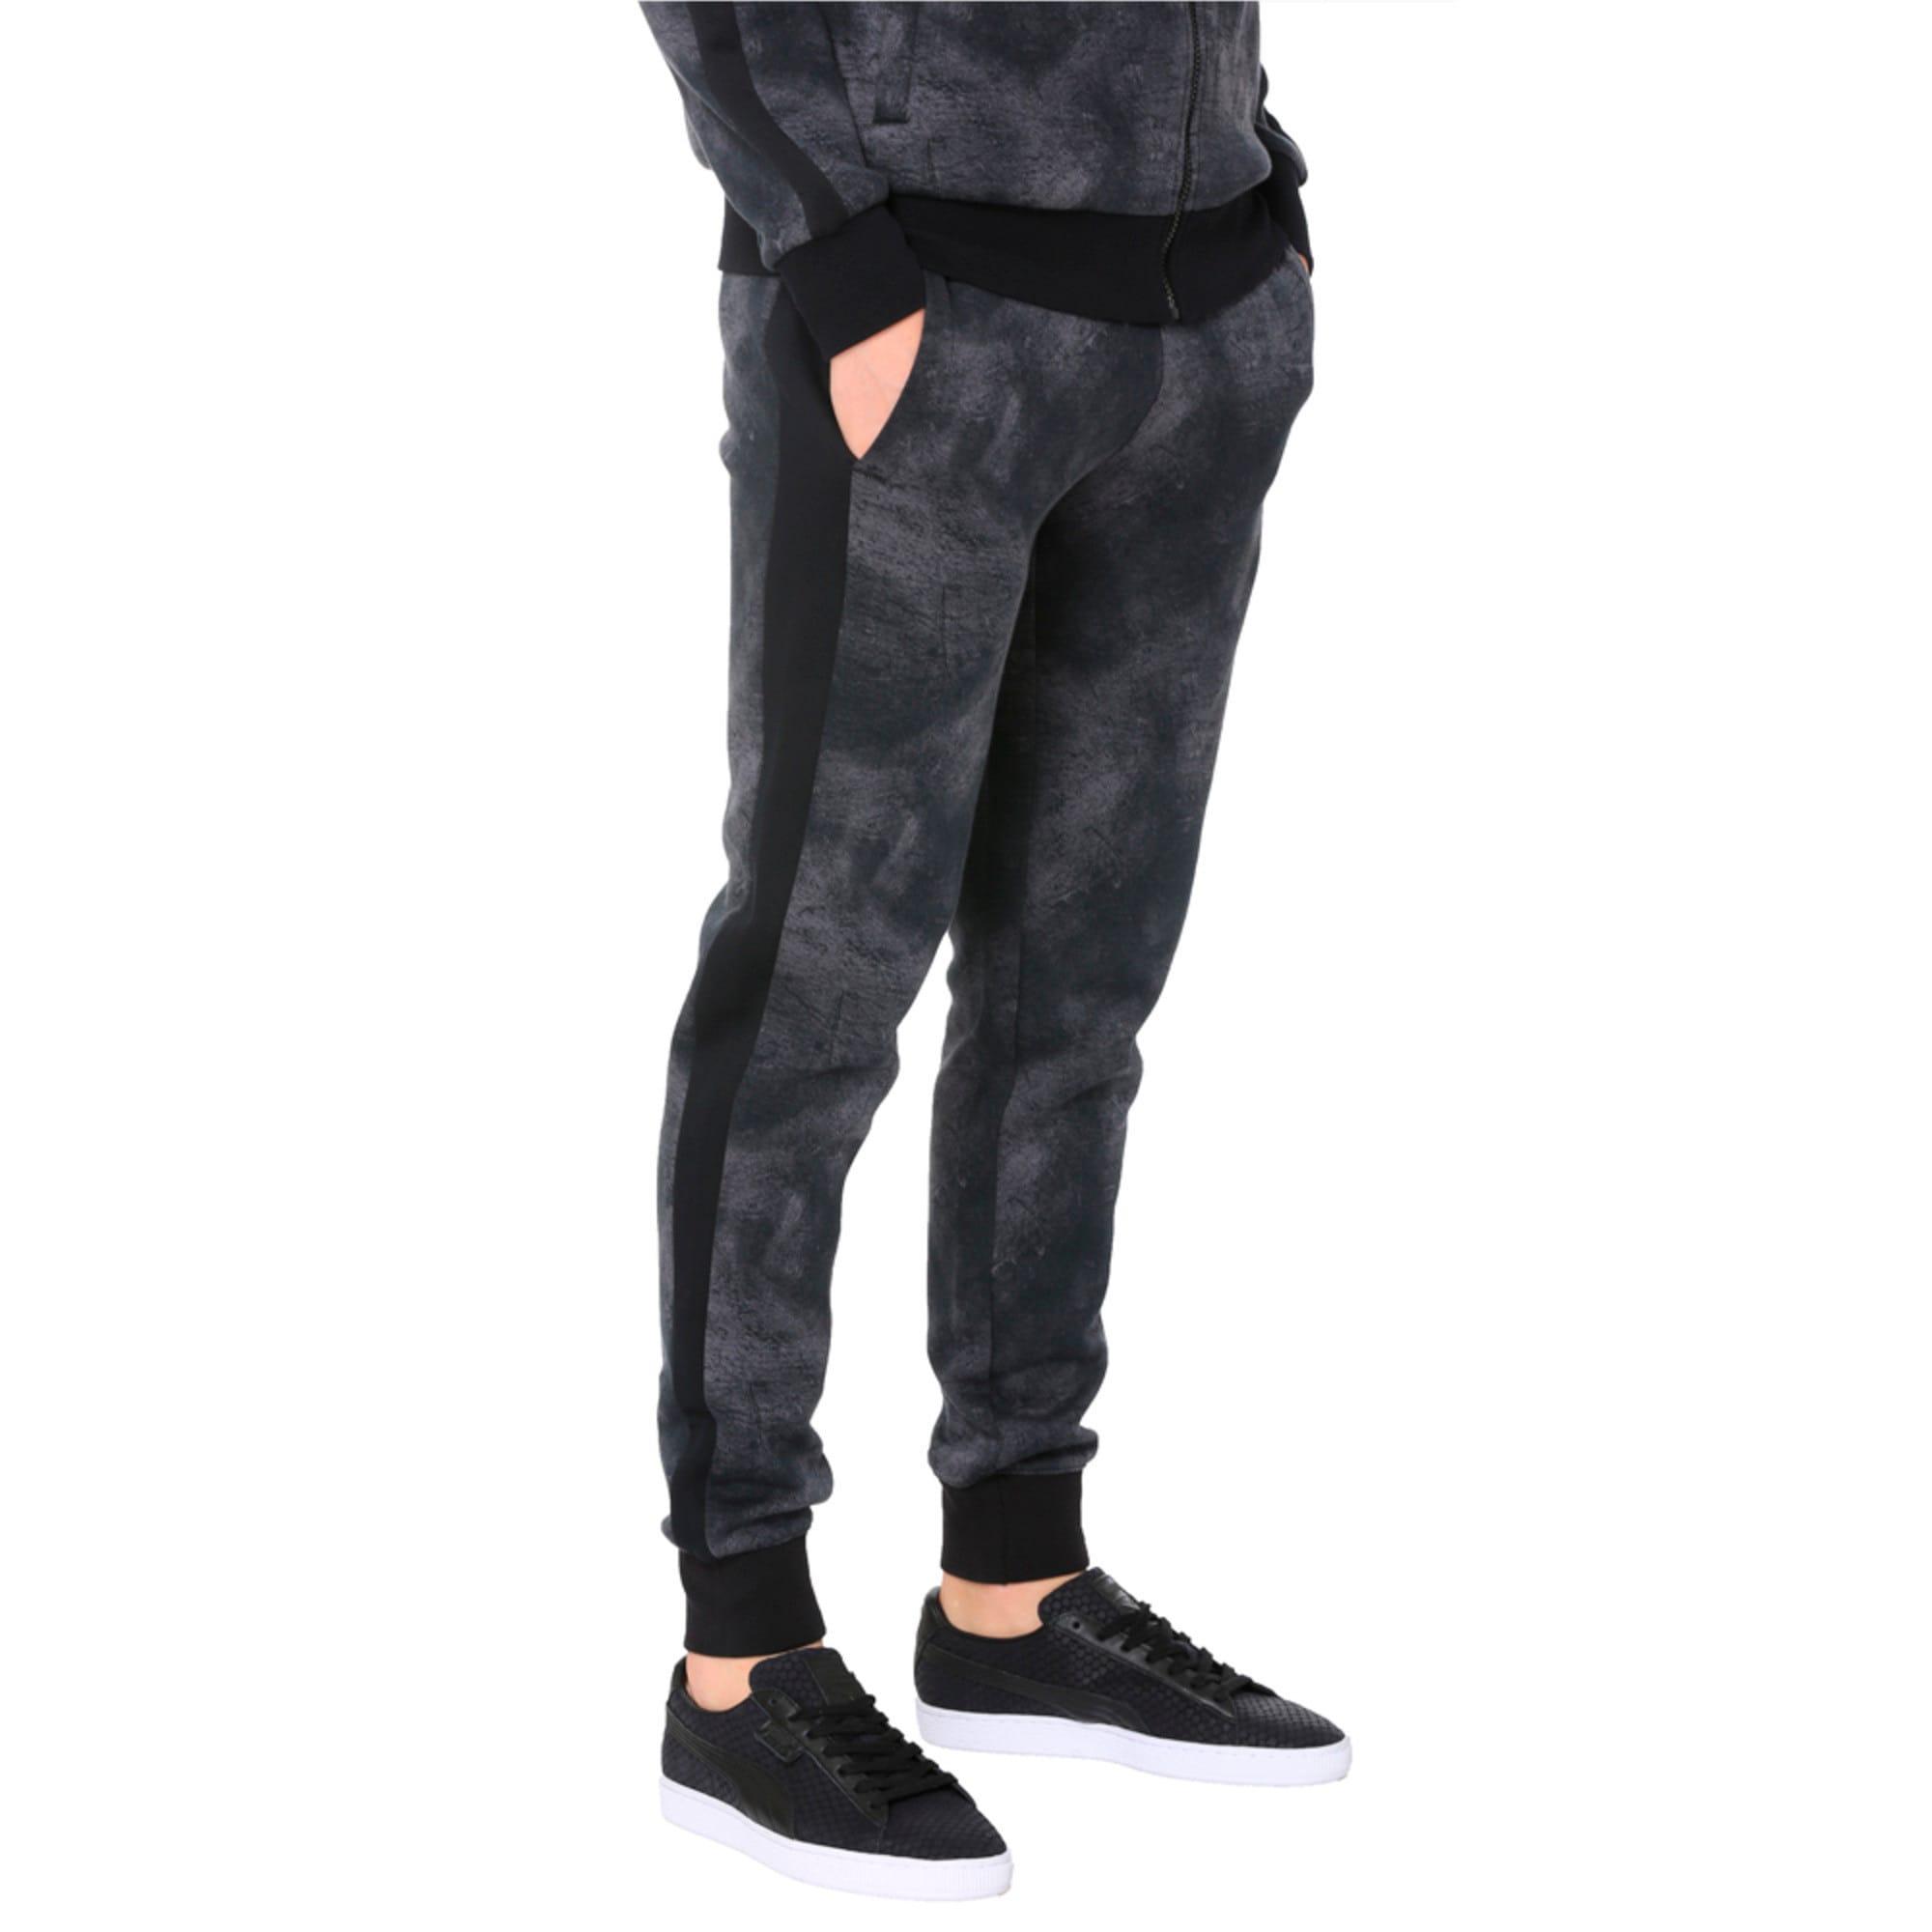 Thumbnail 3 of Classics All-Over Print T7 Men's Pants, Puma Black-3, medium-IND